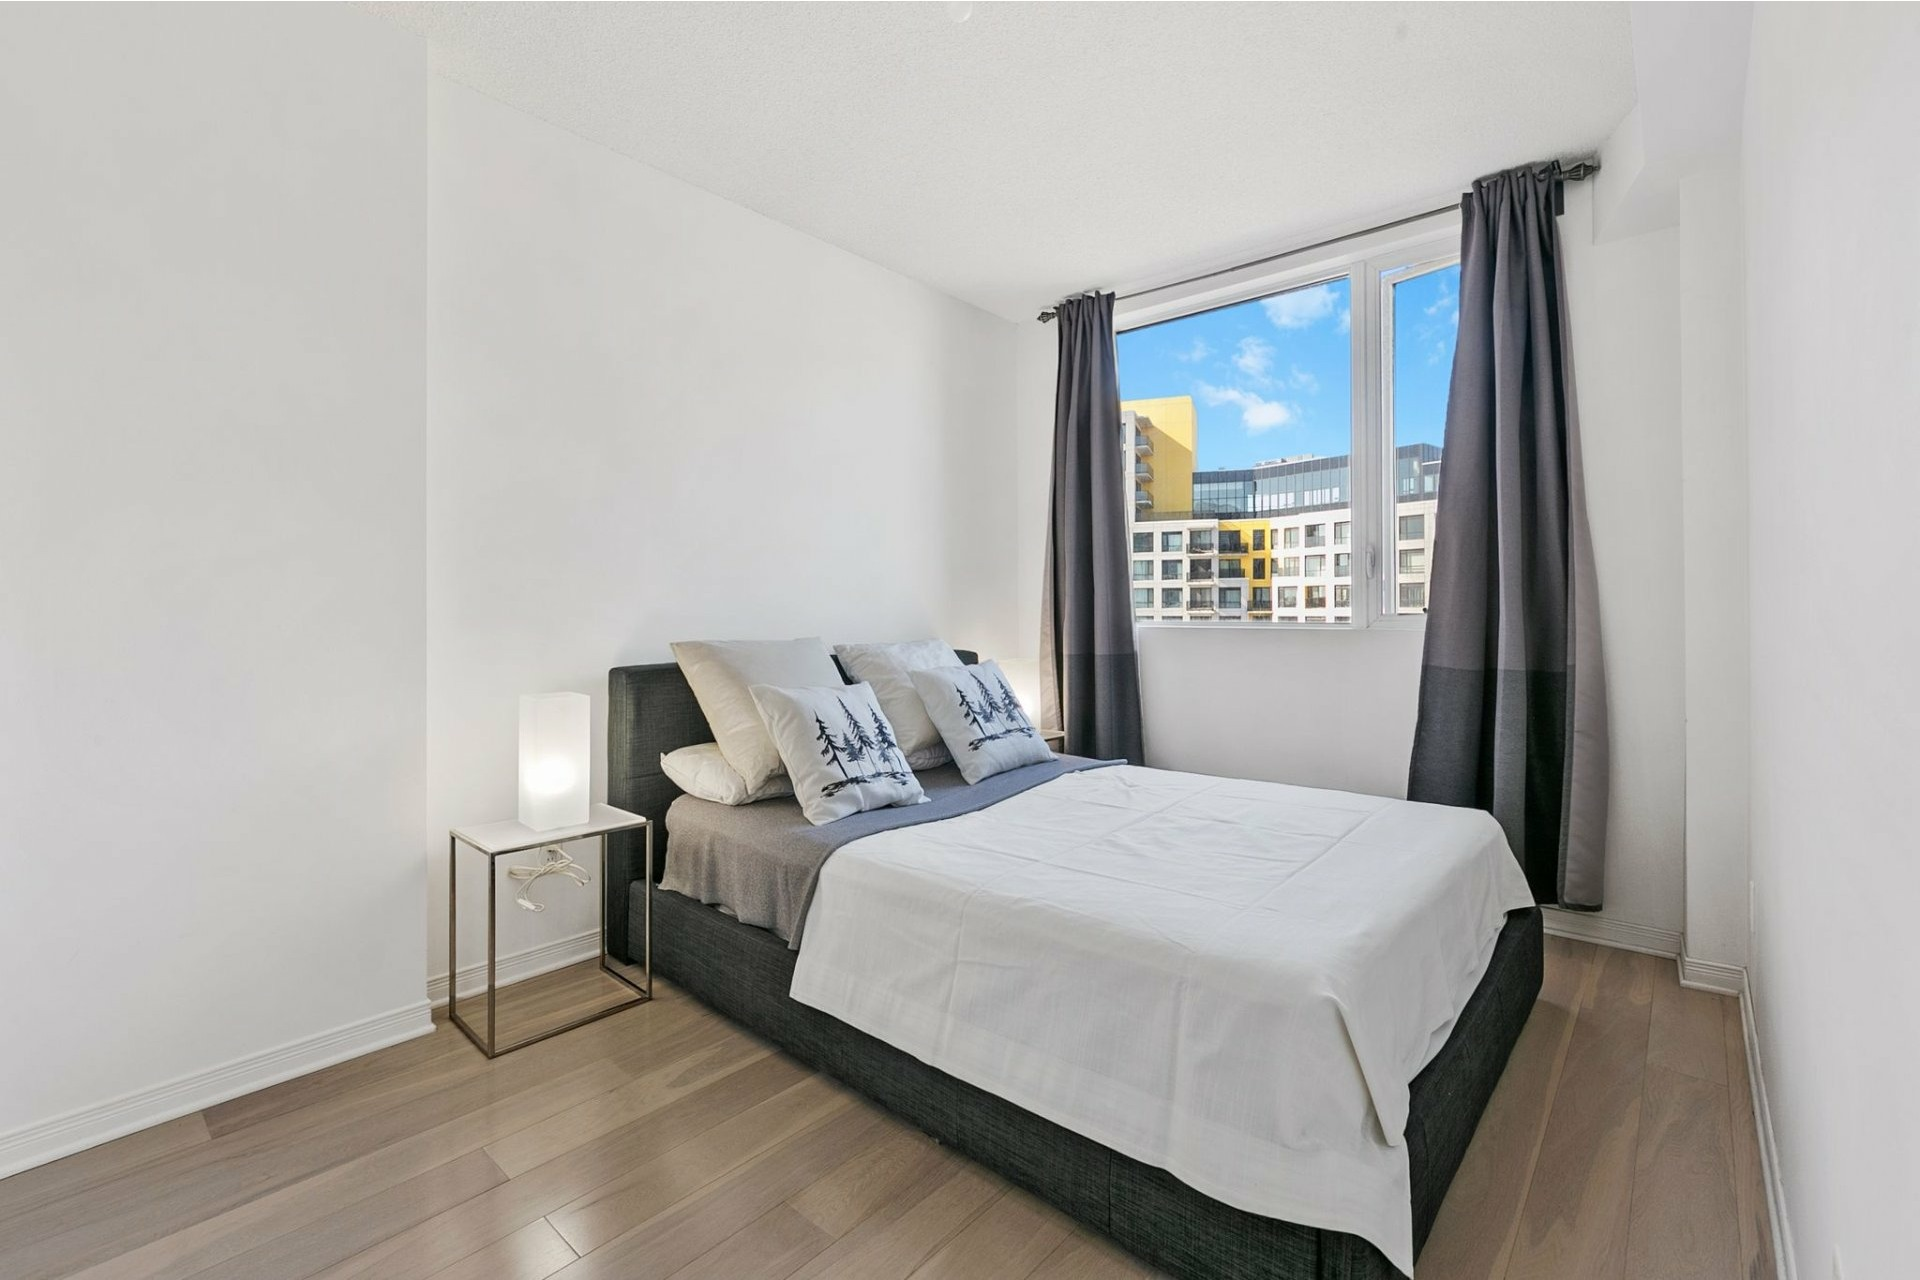 image 11 - Appartement À vendre Côte-des-Neiges/Notre-Dame-de-Grâce Montréal  - 6 pièces